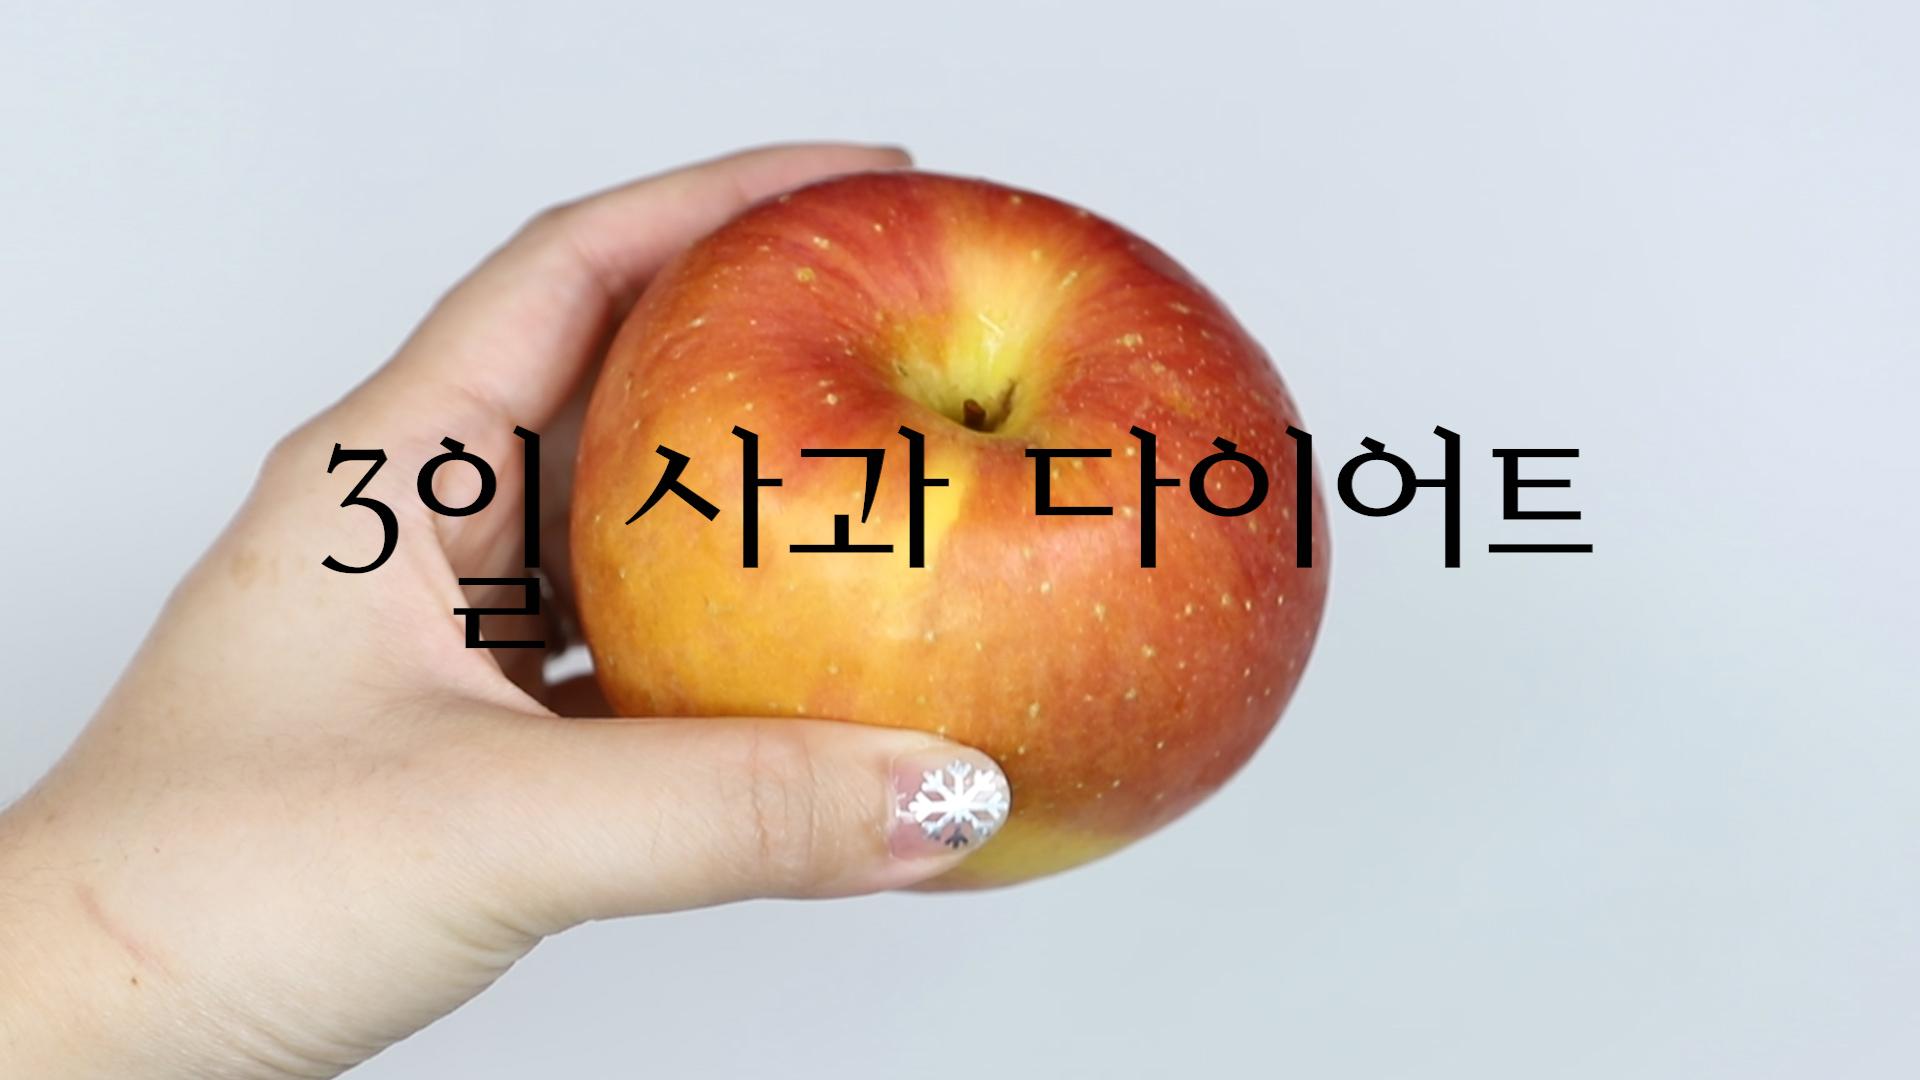 [1분팁]3일 사과 다이어트, 아이유의 살빠지는 식단 공유